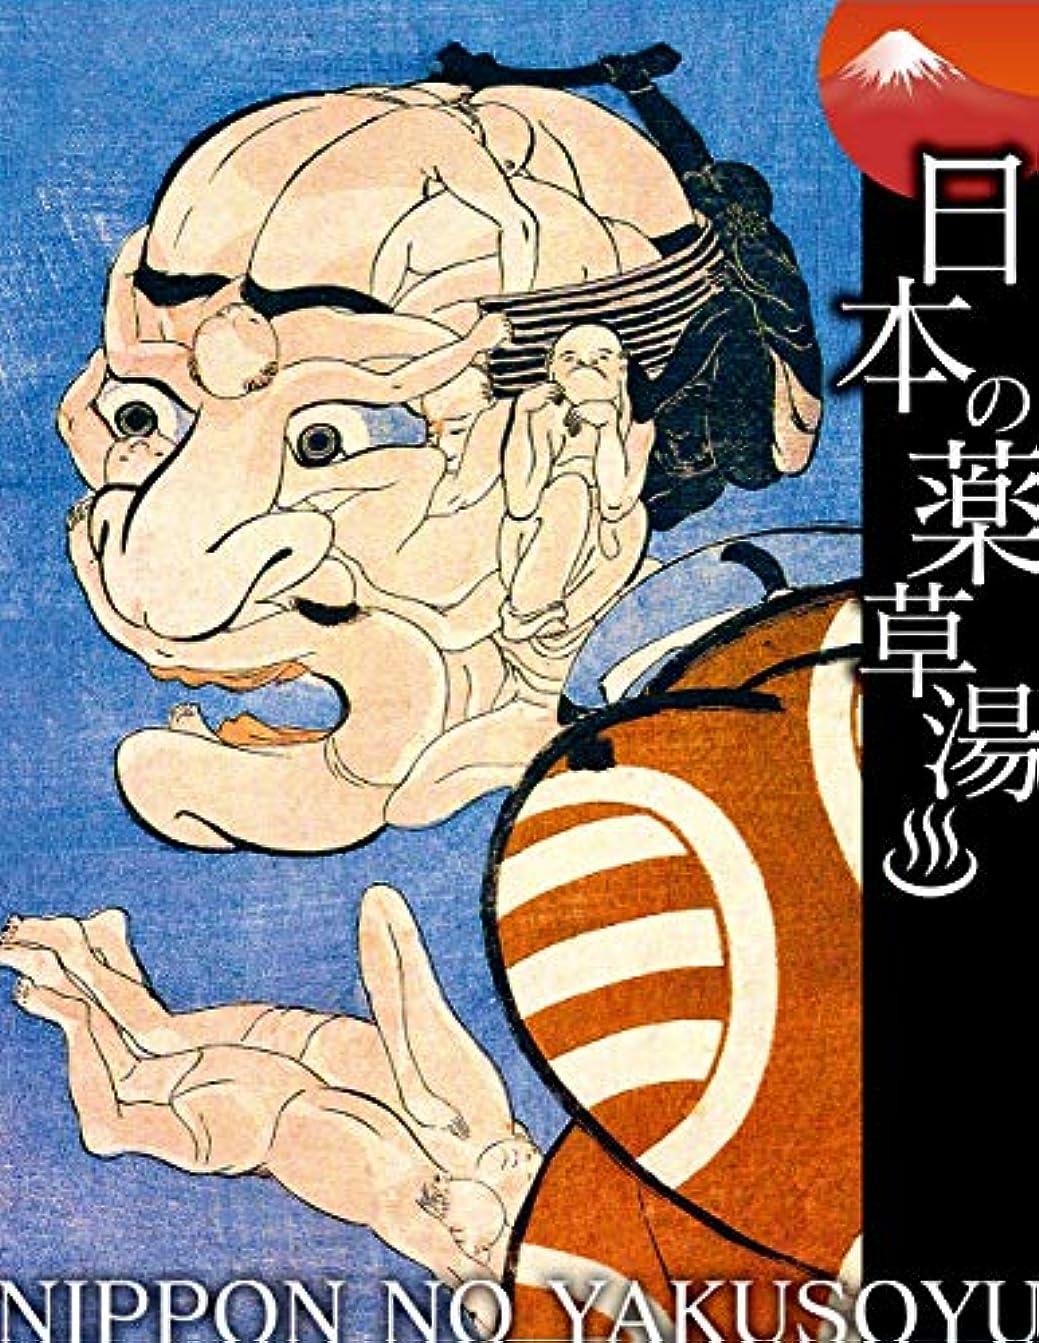 かび臭い困惑する勝者日本の薬草湯 みかけハこハゐがとんだいゝ人だ